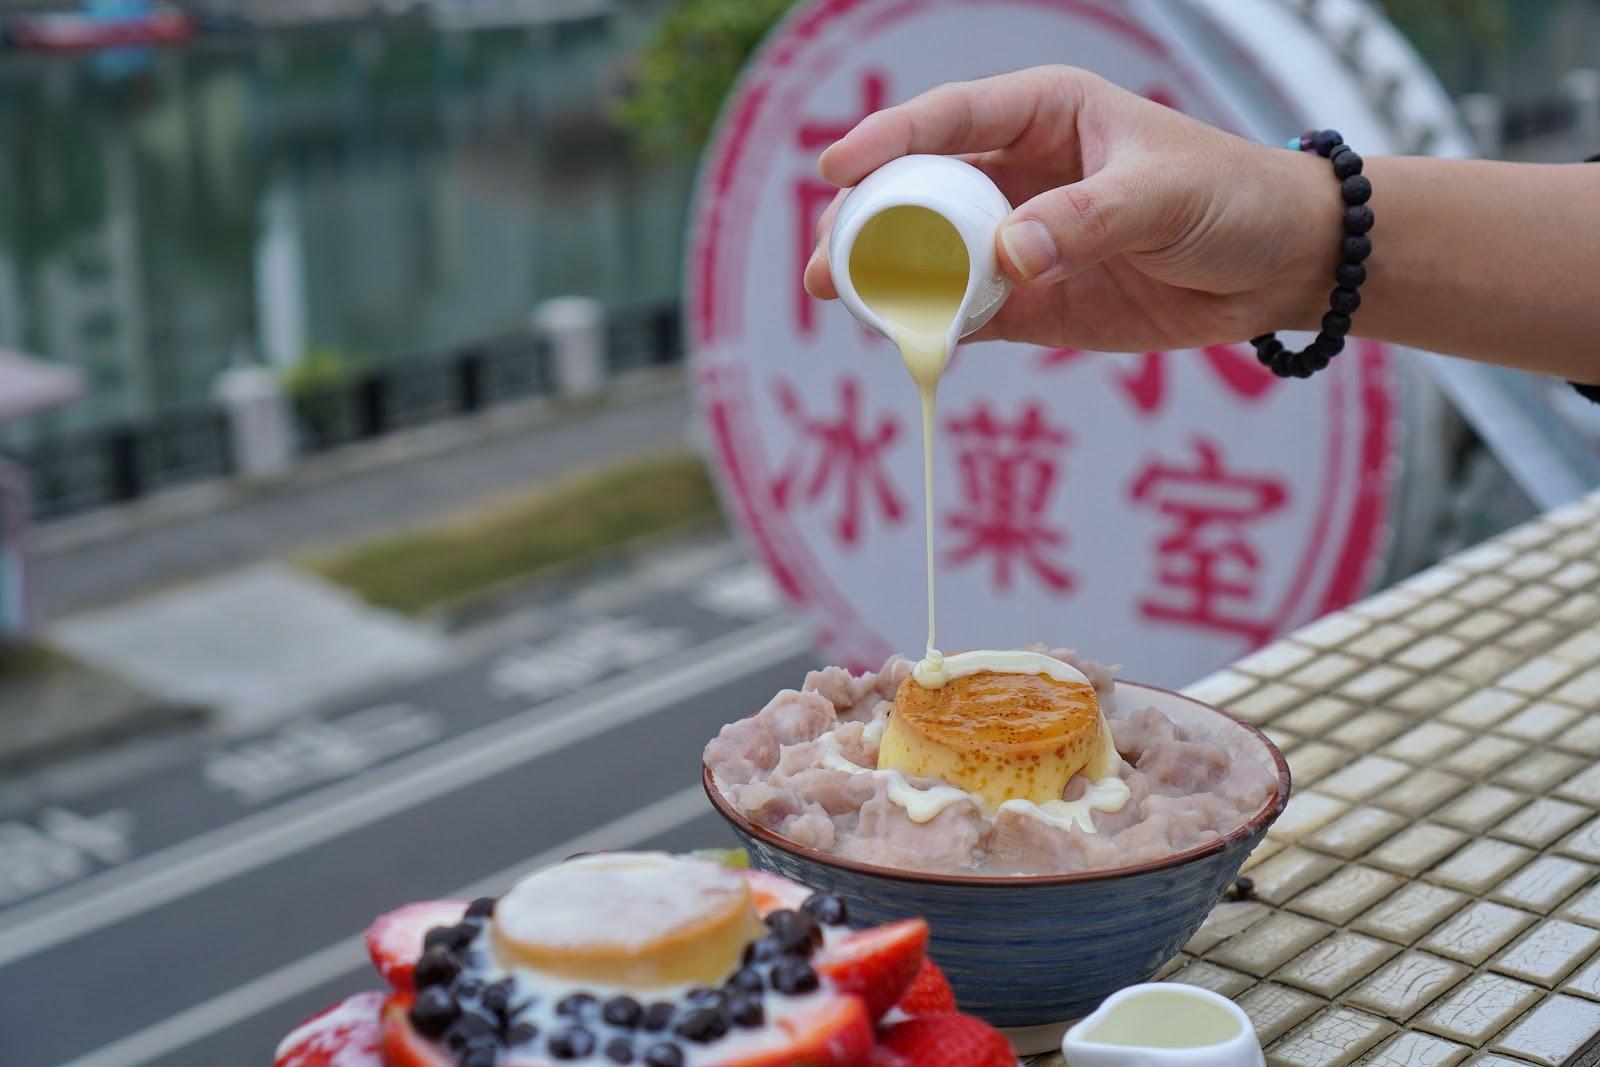 台南美食【南泉冰菓室】芋頭牛奶冰